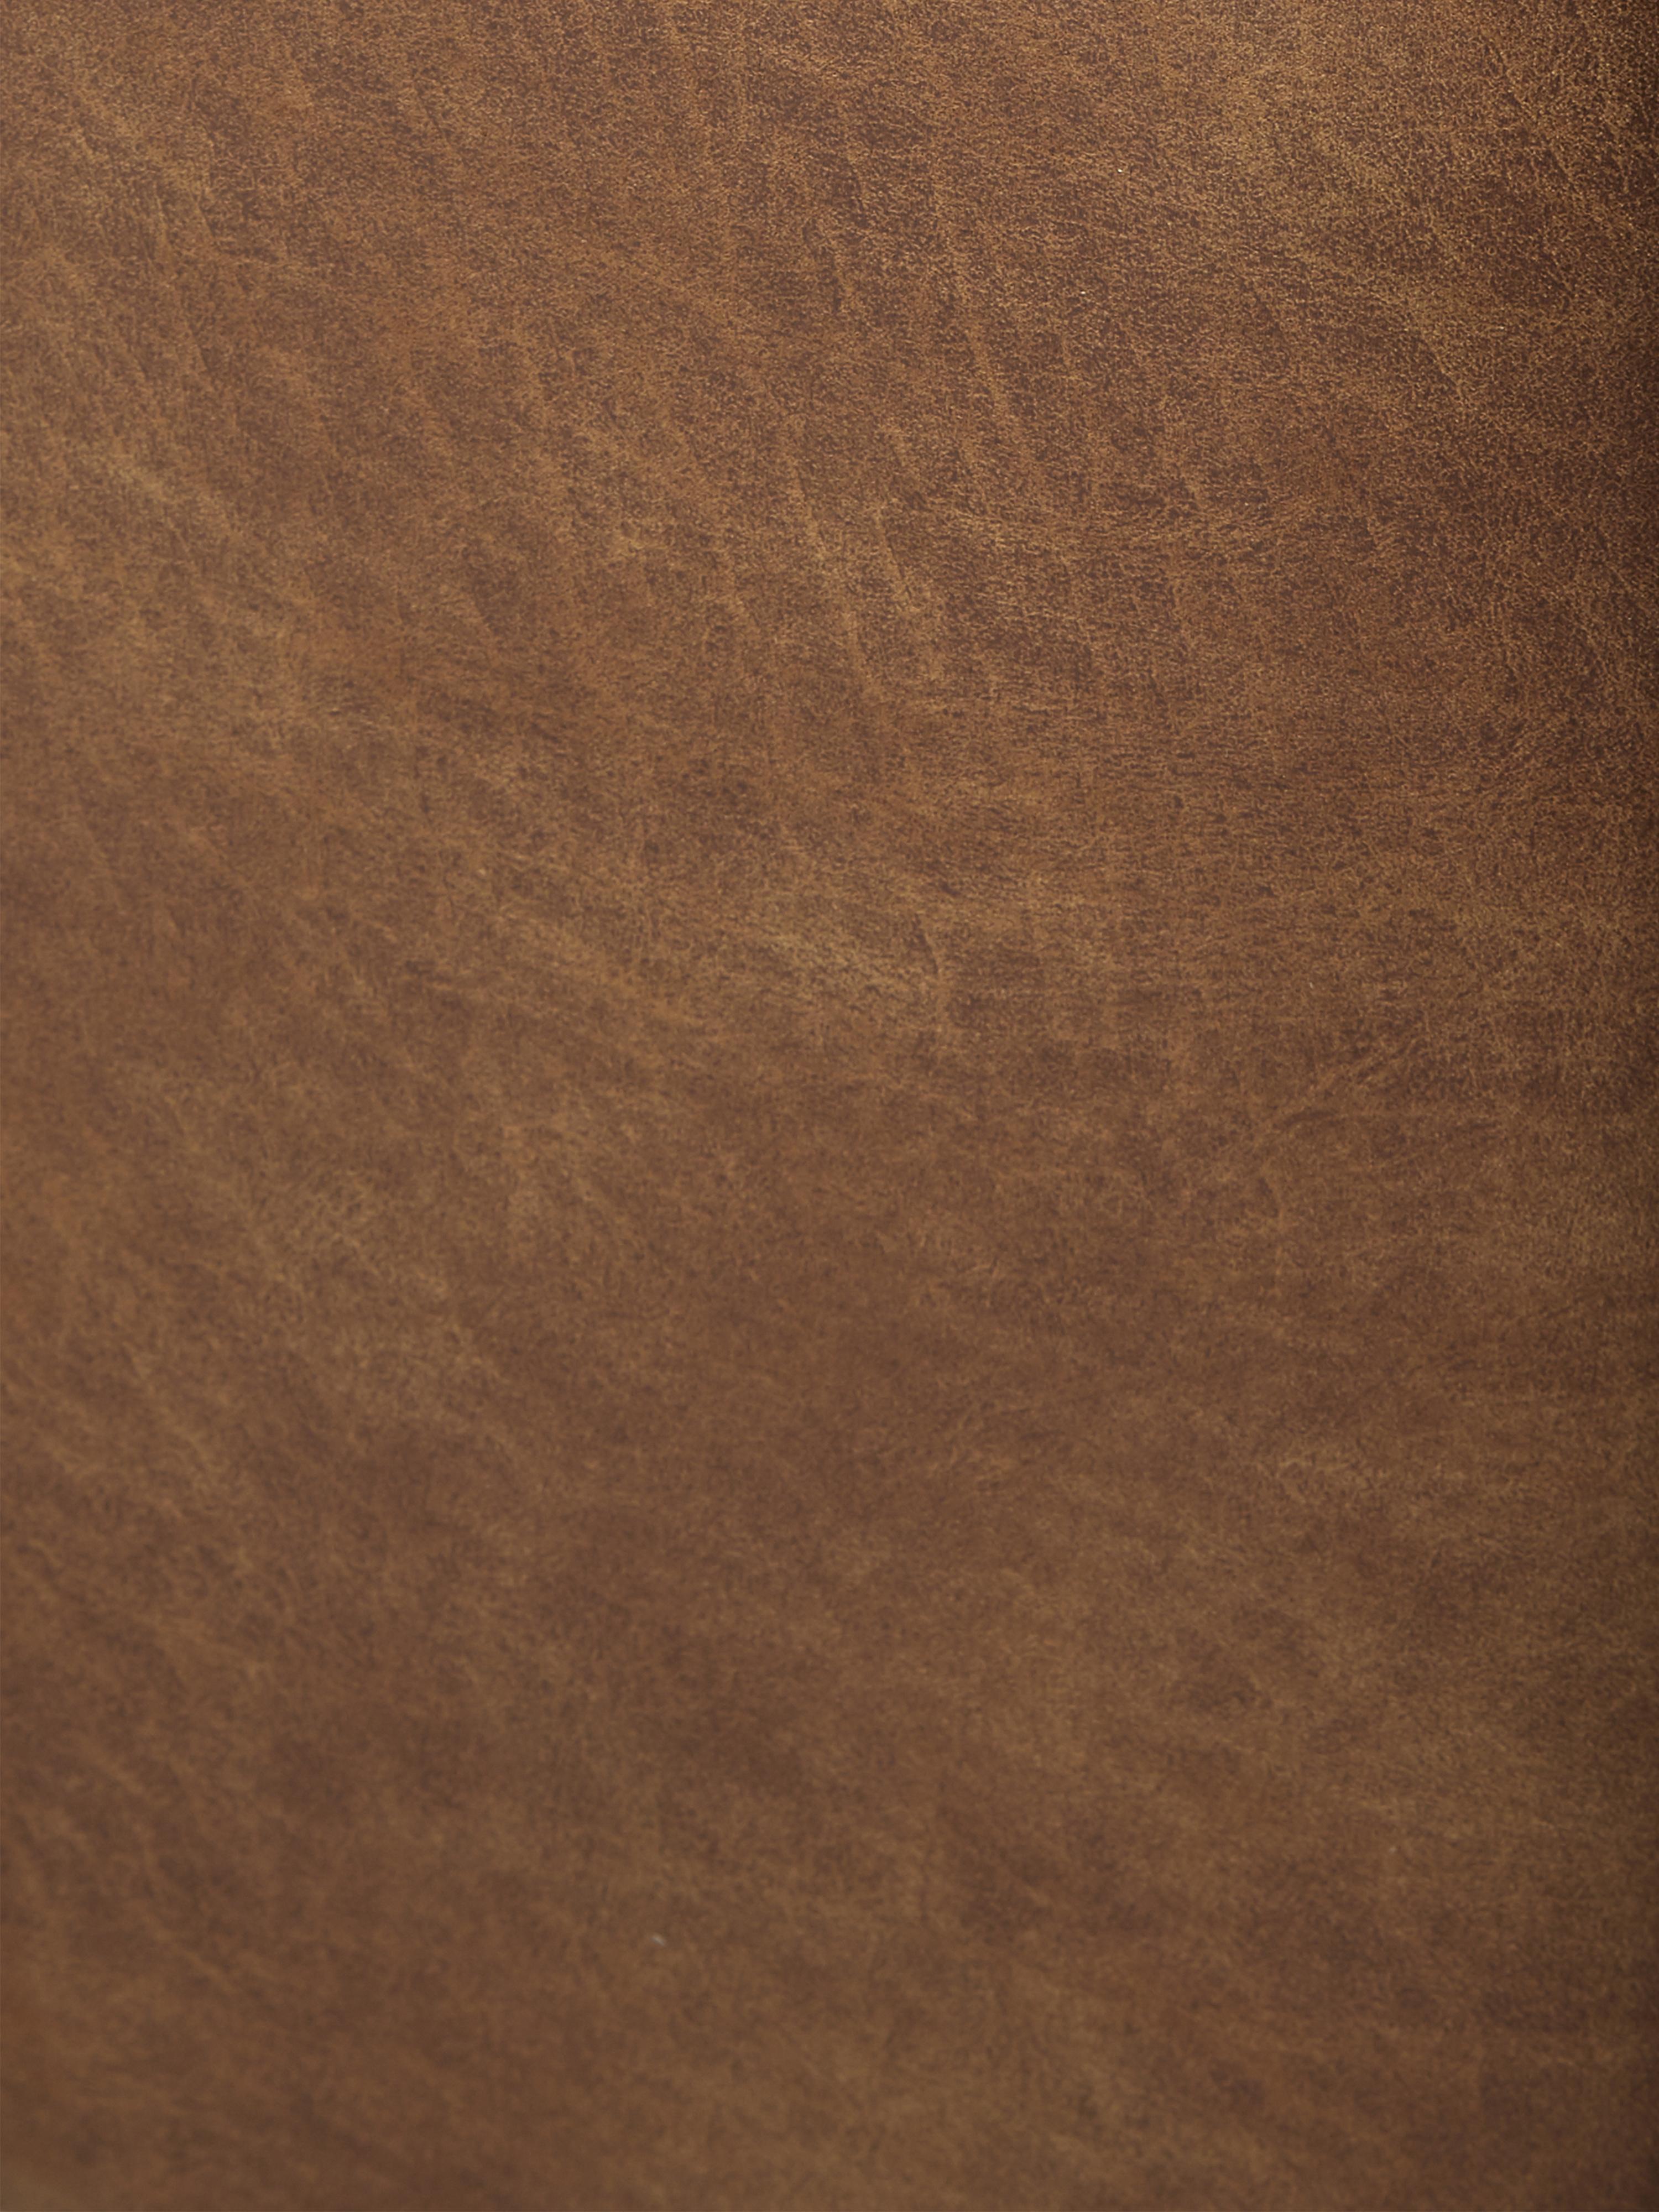 Divano angolare componibile in tessuto marrone Lennon, Rivestimento: 70% pelle, 30% poliestere, Struttura: legno di pino massiccio, , Piedini: materiale sintetico, Pelle marrone, Larg. 326 x Prof. 207 cm